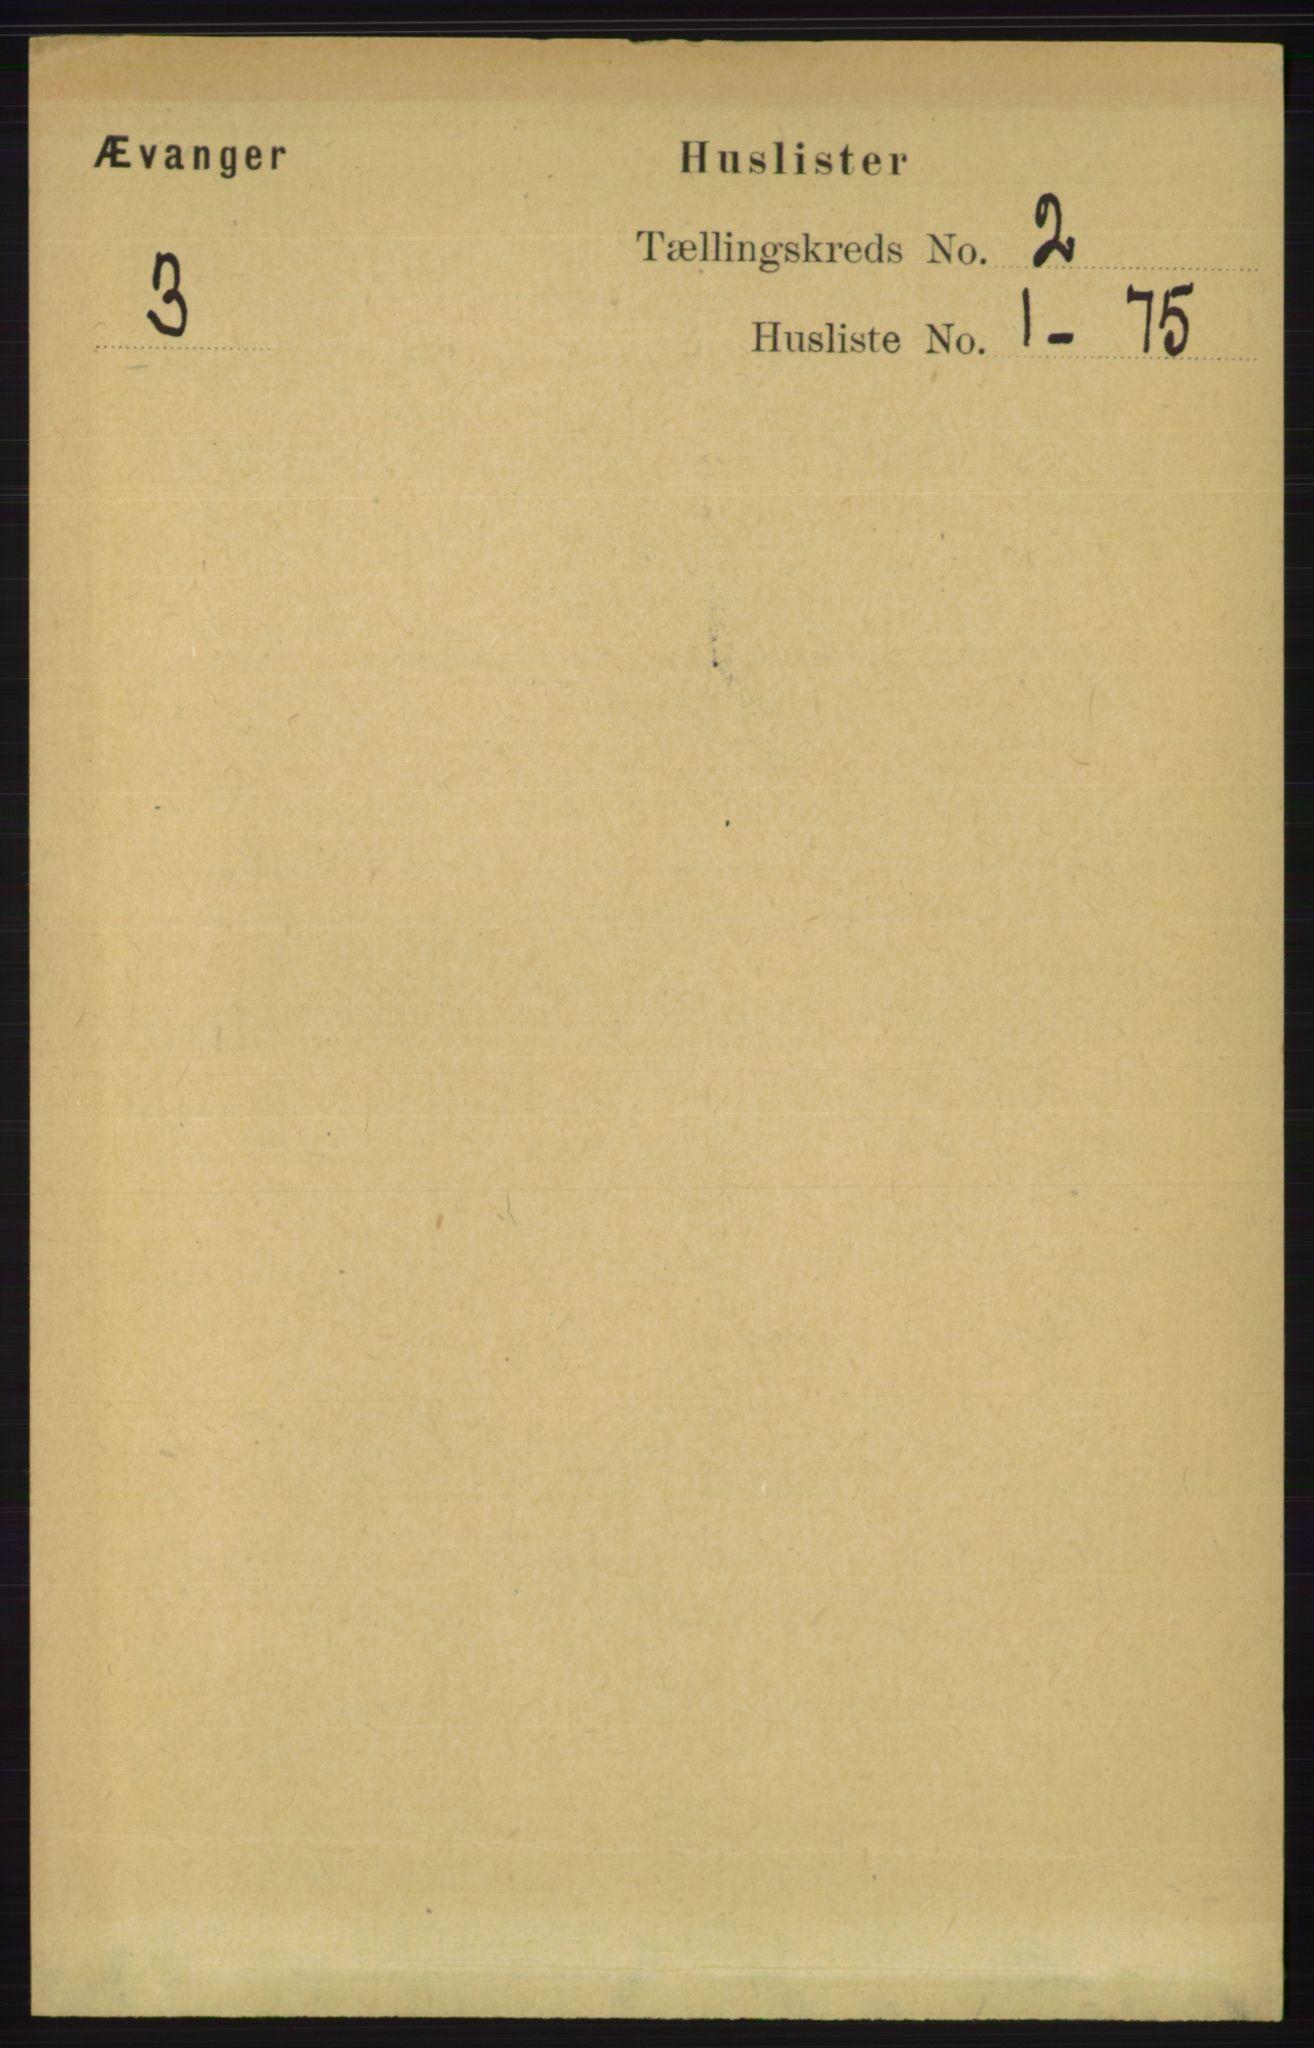 RA, Folketelling 1891 for 1237 Evanger herred, 1891, s. 254